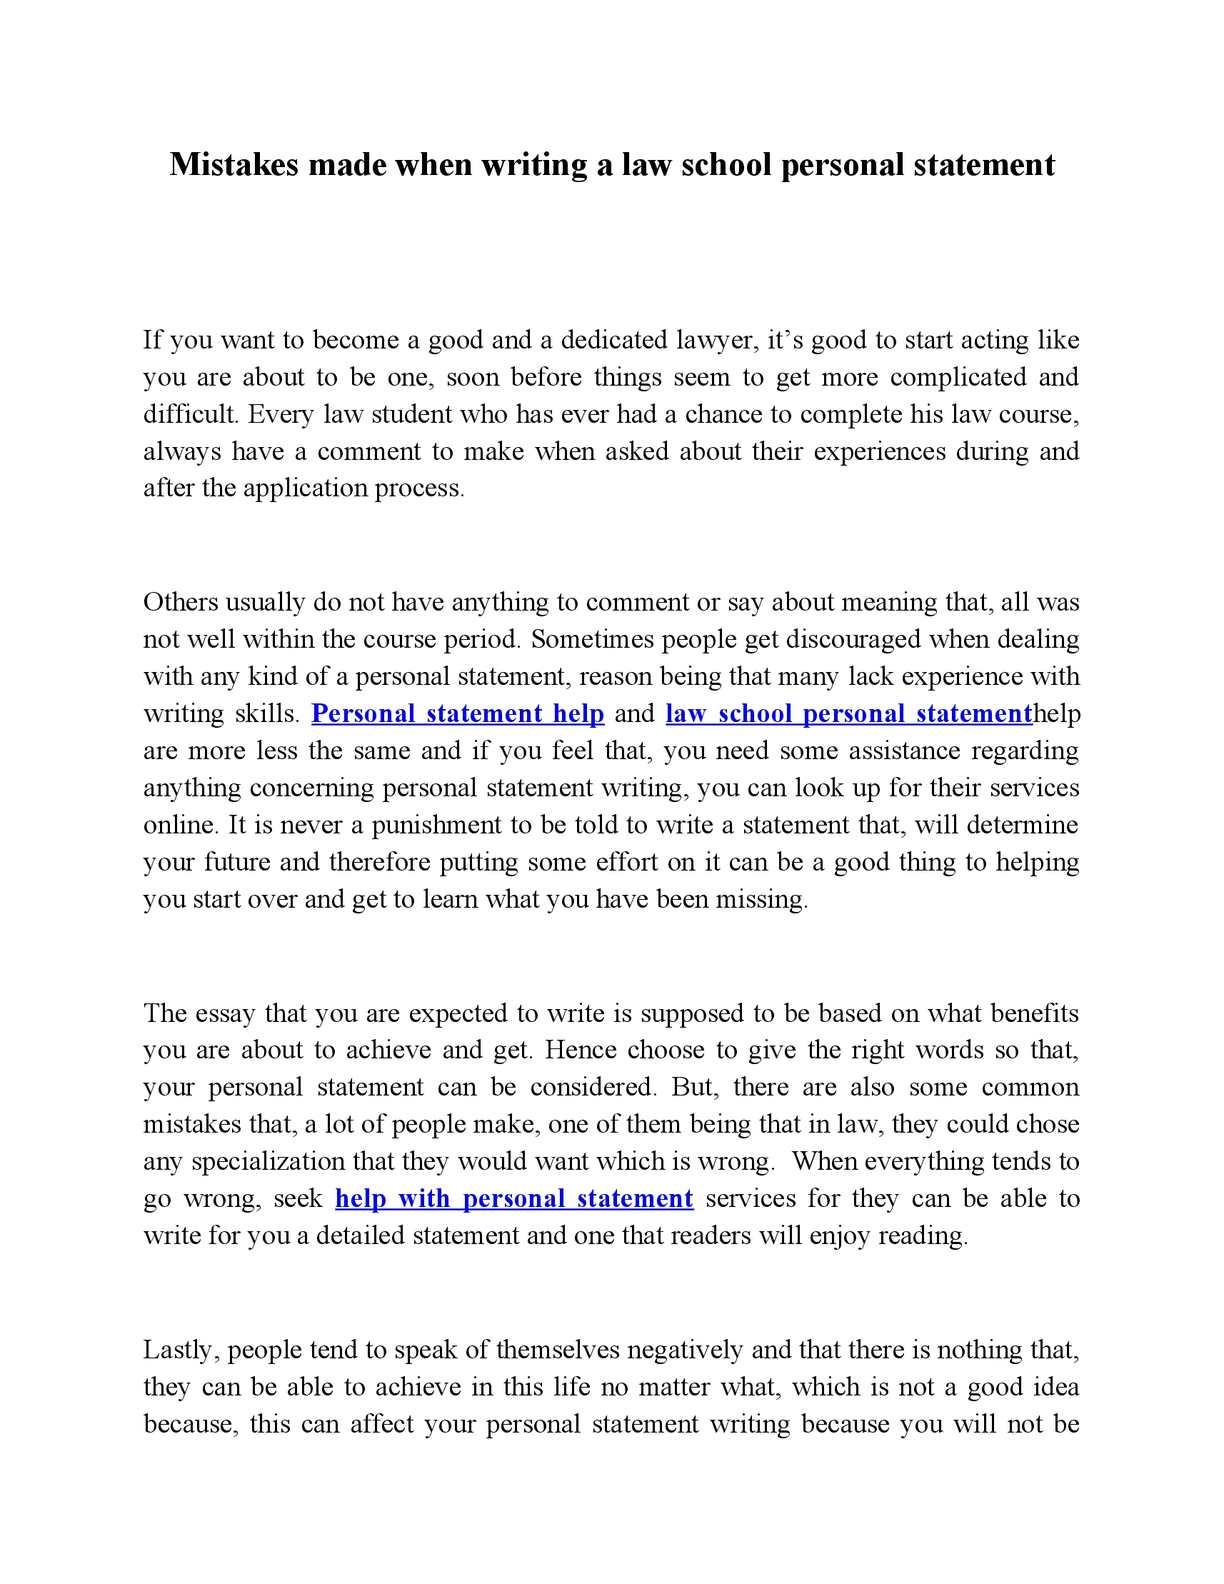 Law personal statement college essay ghostwriter website au